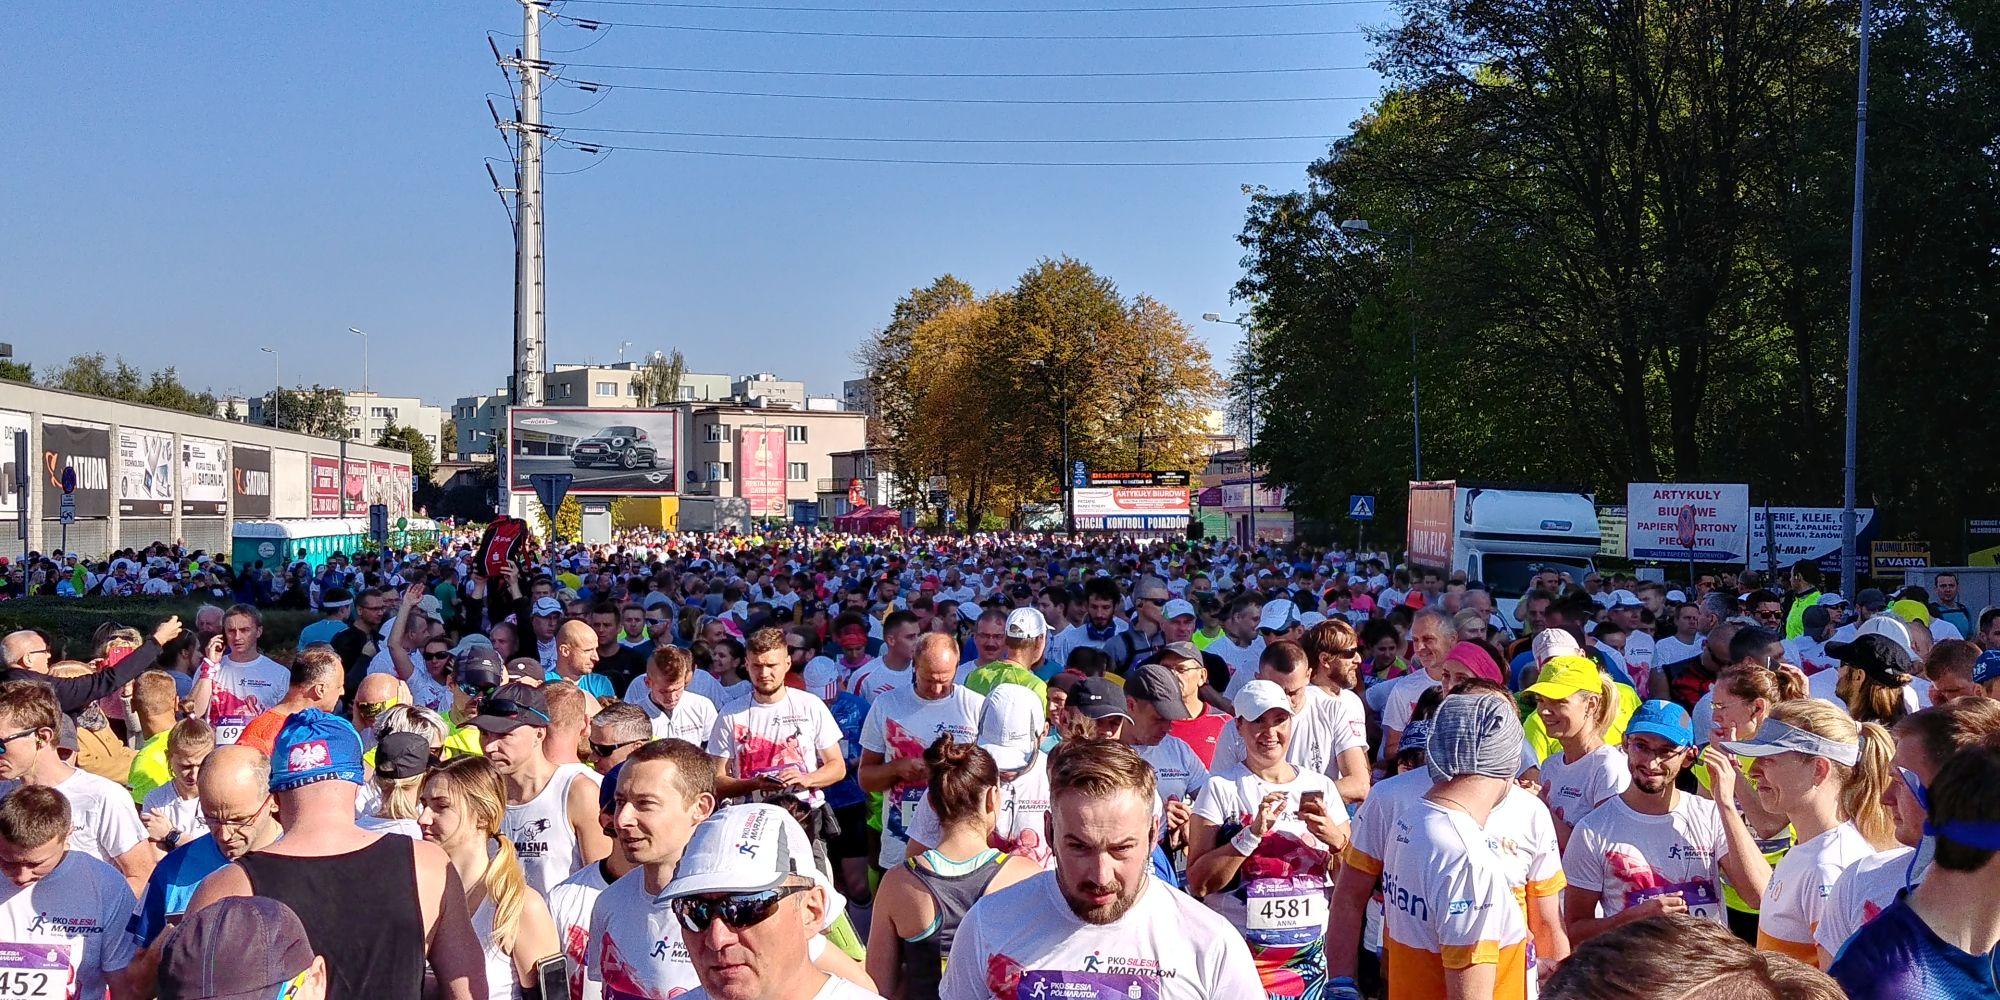 PKO Silesia Półmaraton 2017 biegacze przed startem